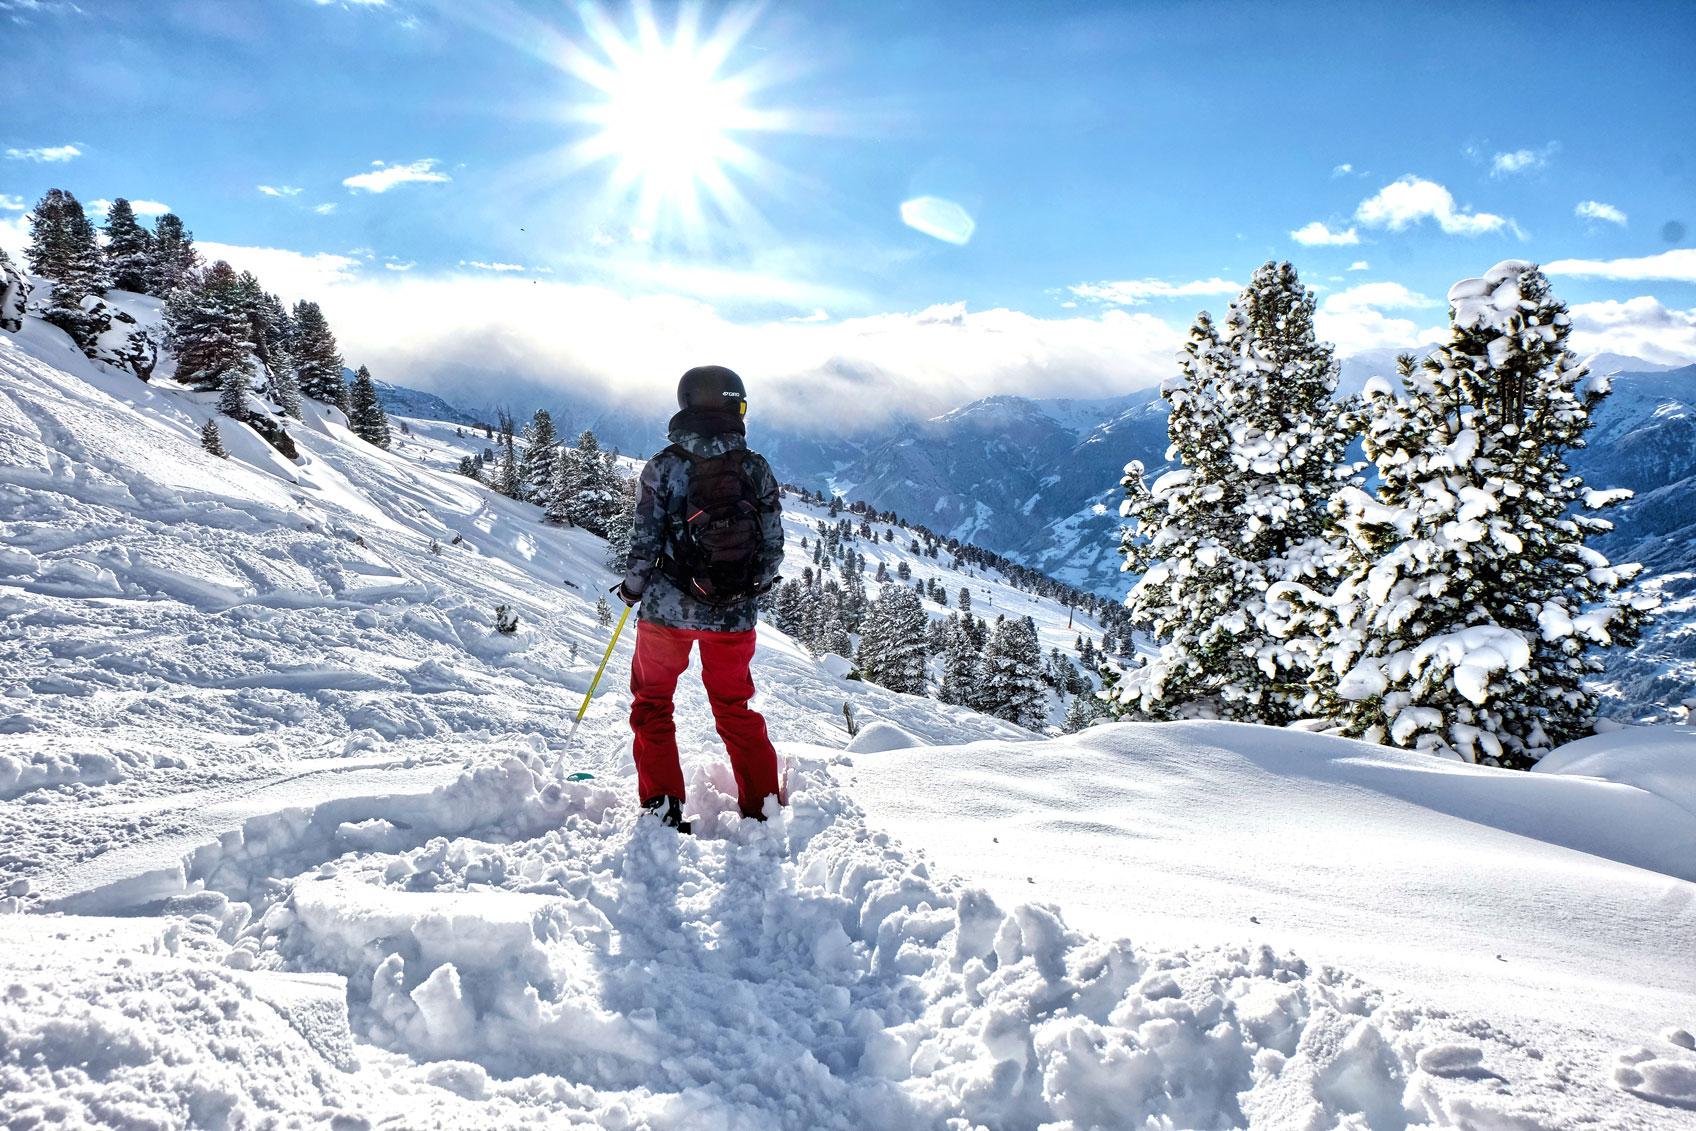 Marlene-Vey-munichmountaingirls-Skitour-Freeriden-Zillertal-2